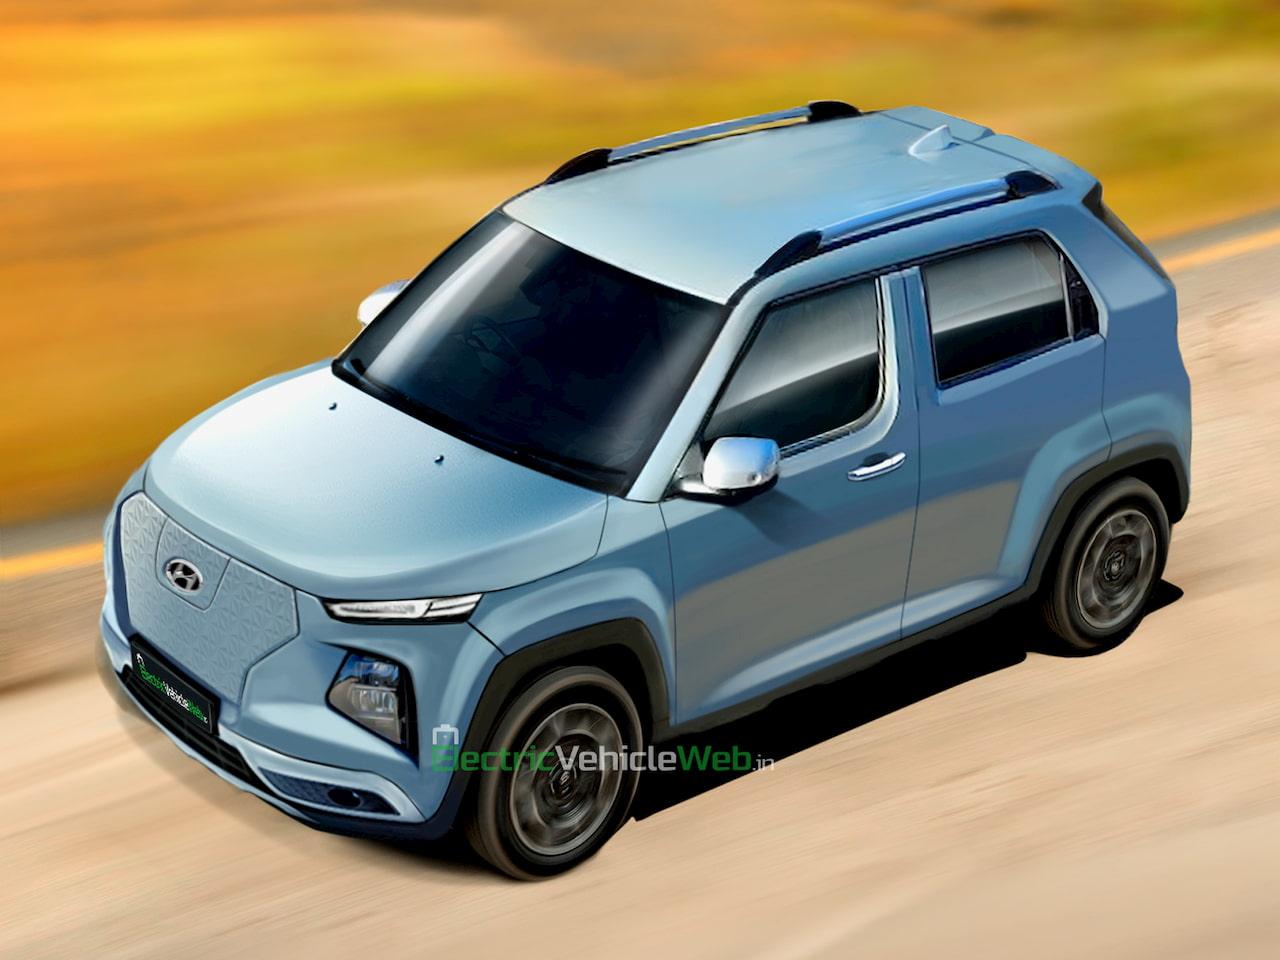 Hyundai electric car 2023 India 10 lakh rendering